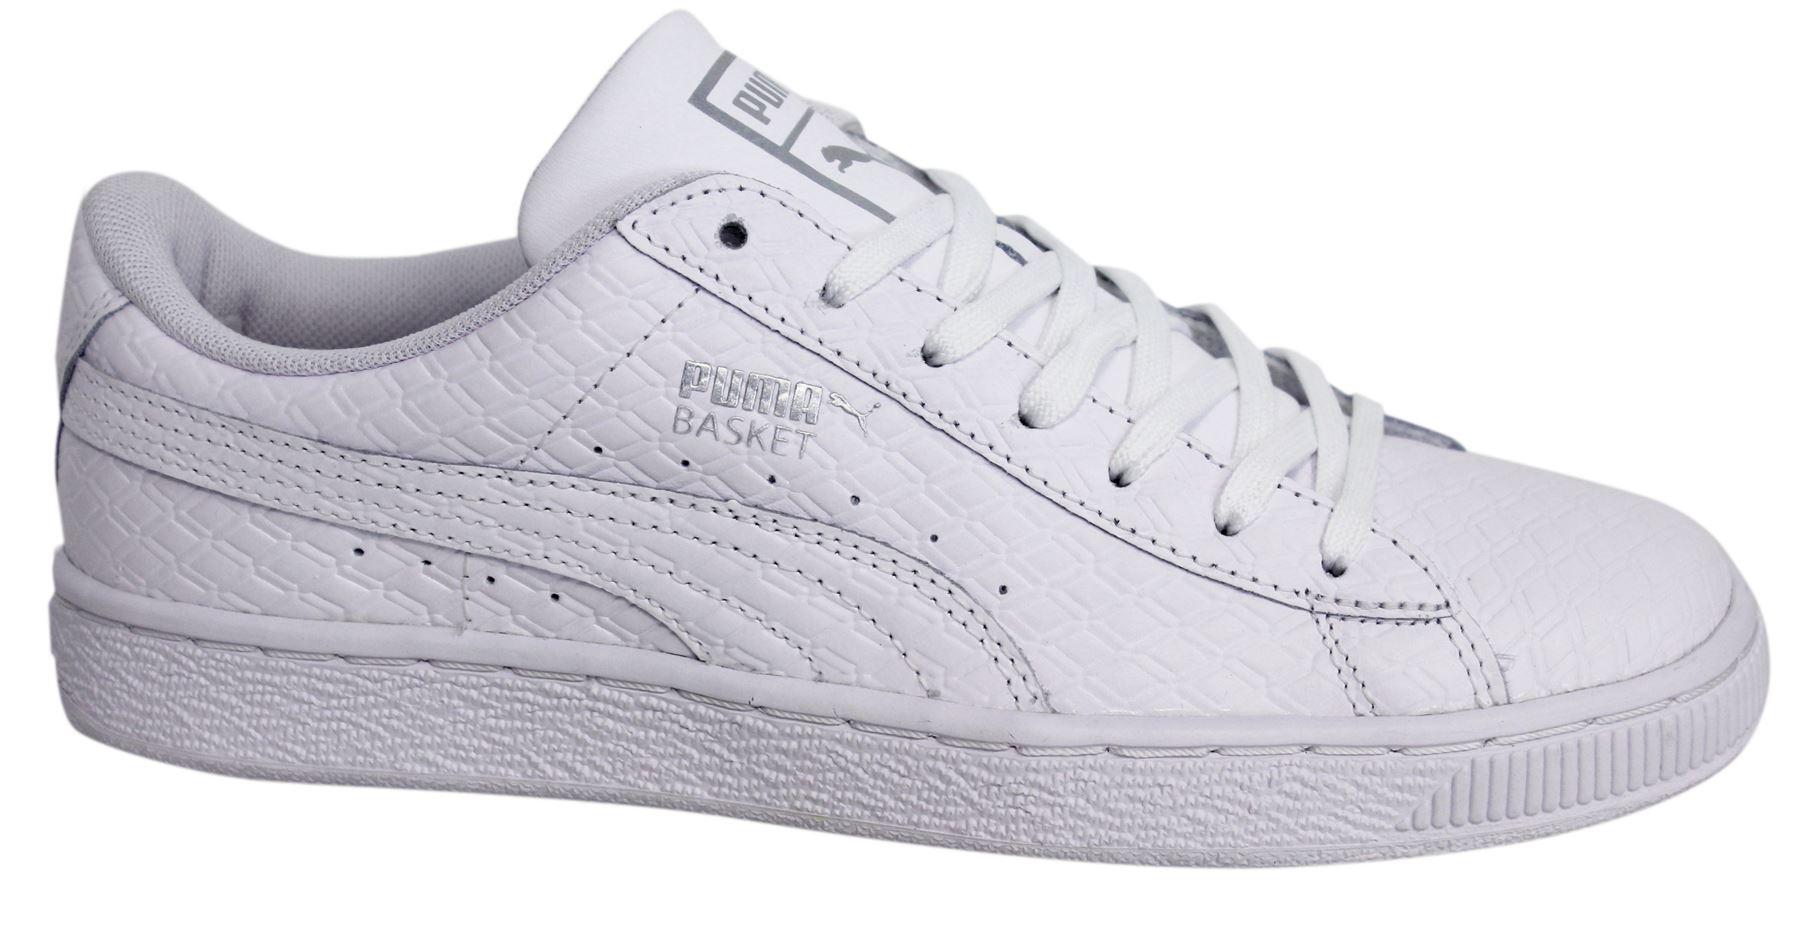 Puma CESTINO classico B W con lacci pelle bianca Scarpe sportive uomo 363075 01